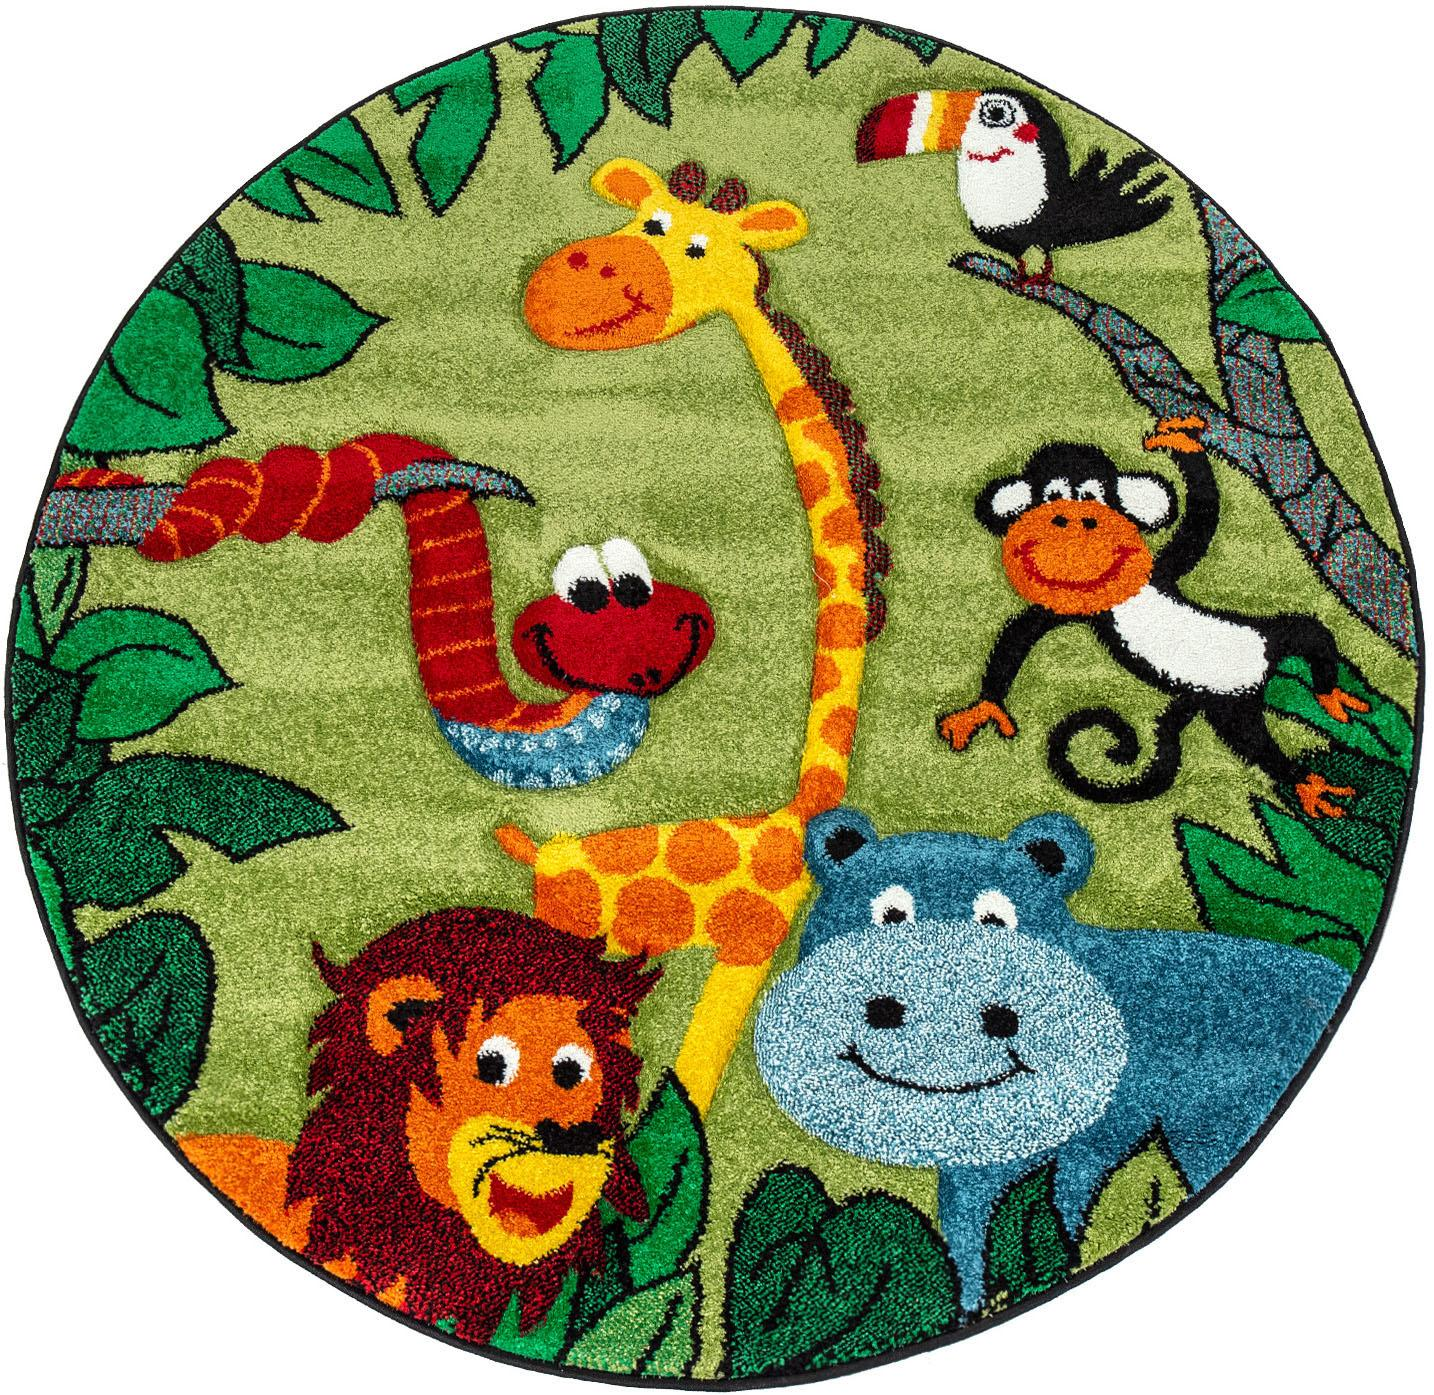 Paco Home Kinderteppich Diamond 638, rund, 18 mm Höhe, Kurzflor, 3D-Design Dschungel Tiere, Kinderzimmer grün Kinder Bunte Kinderteppiche Teppiche